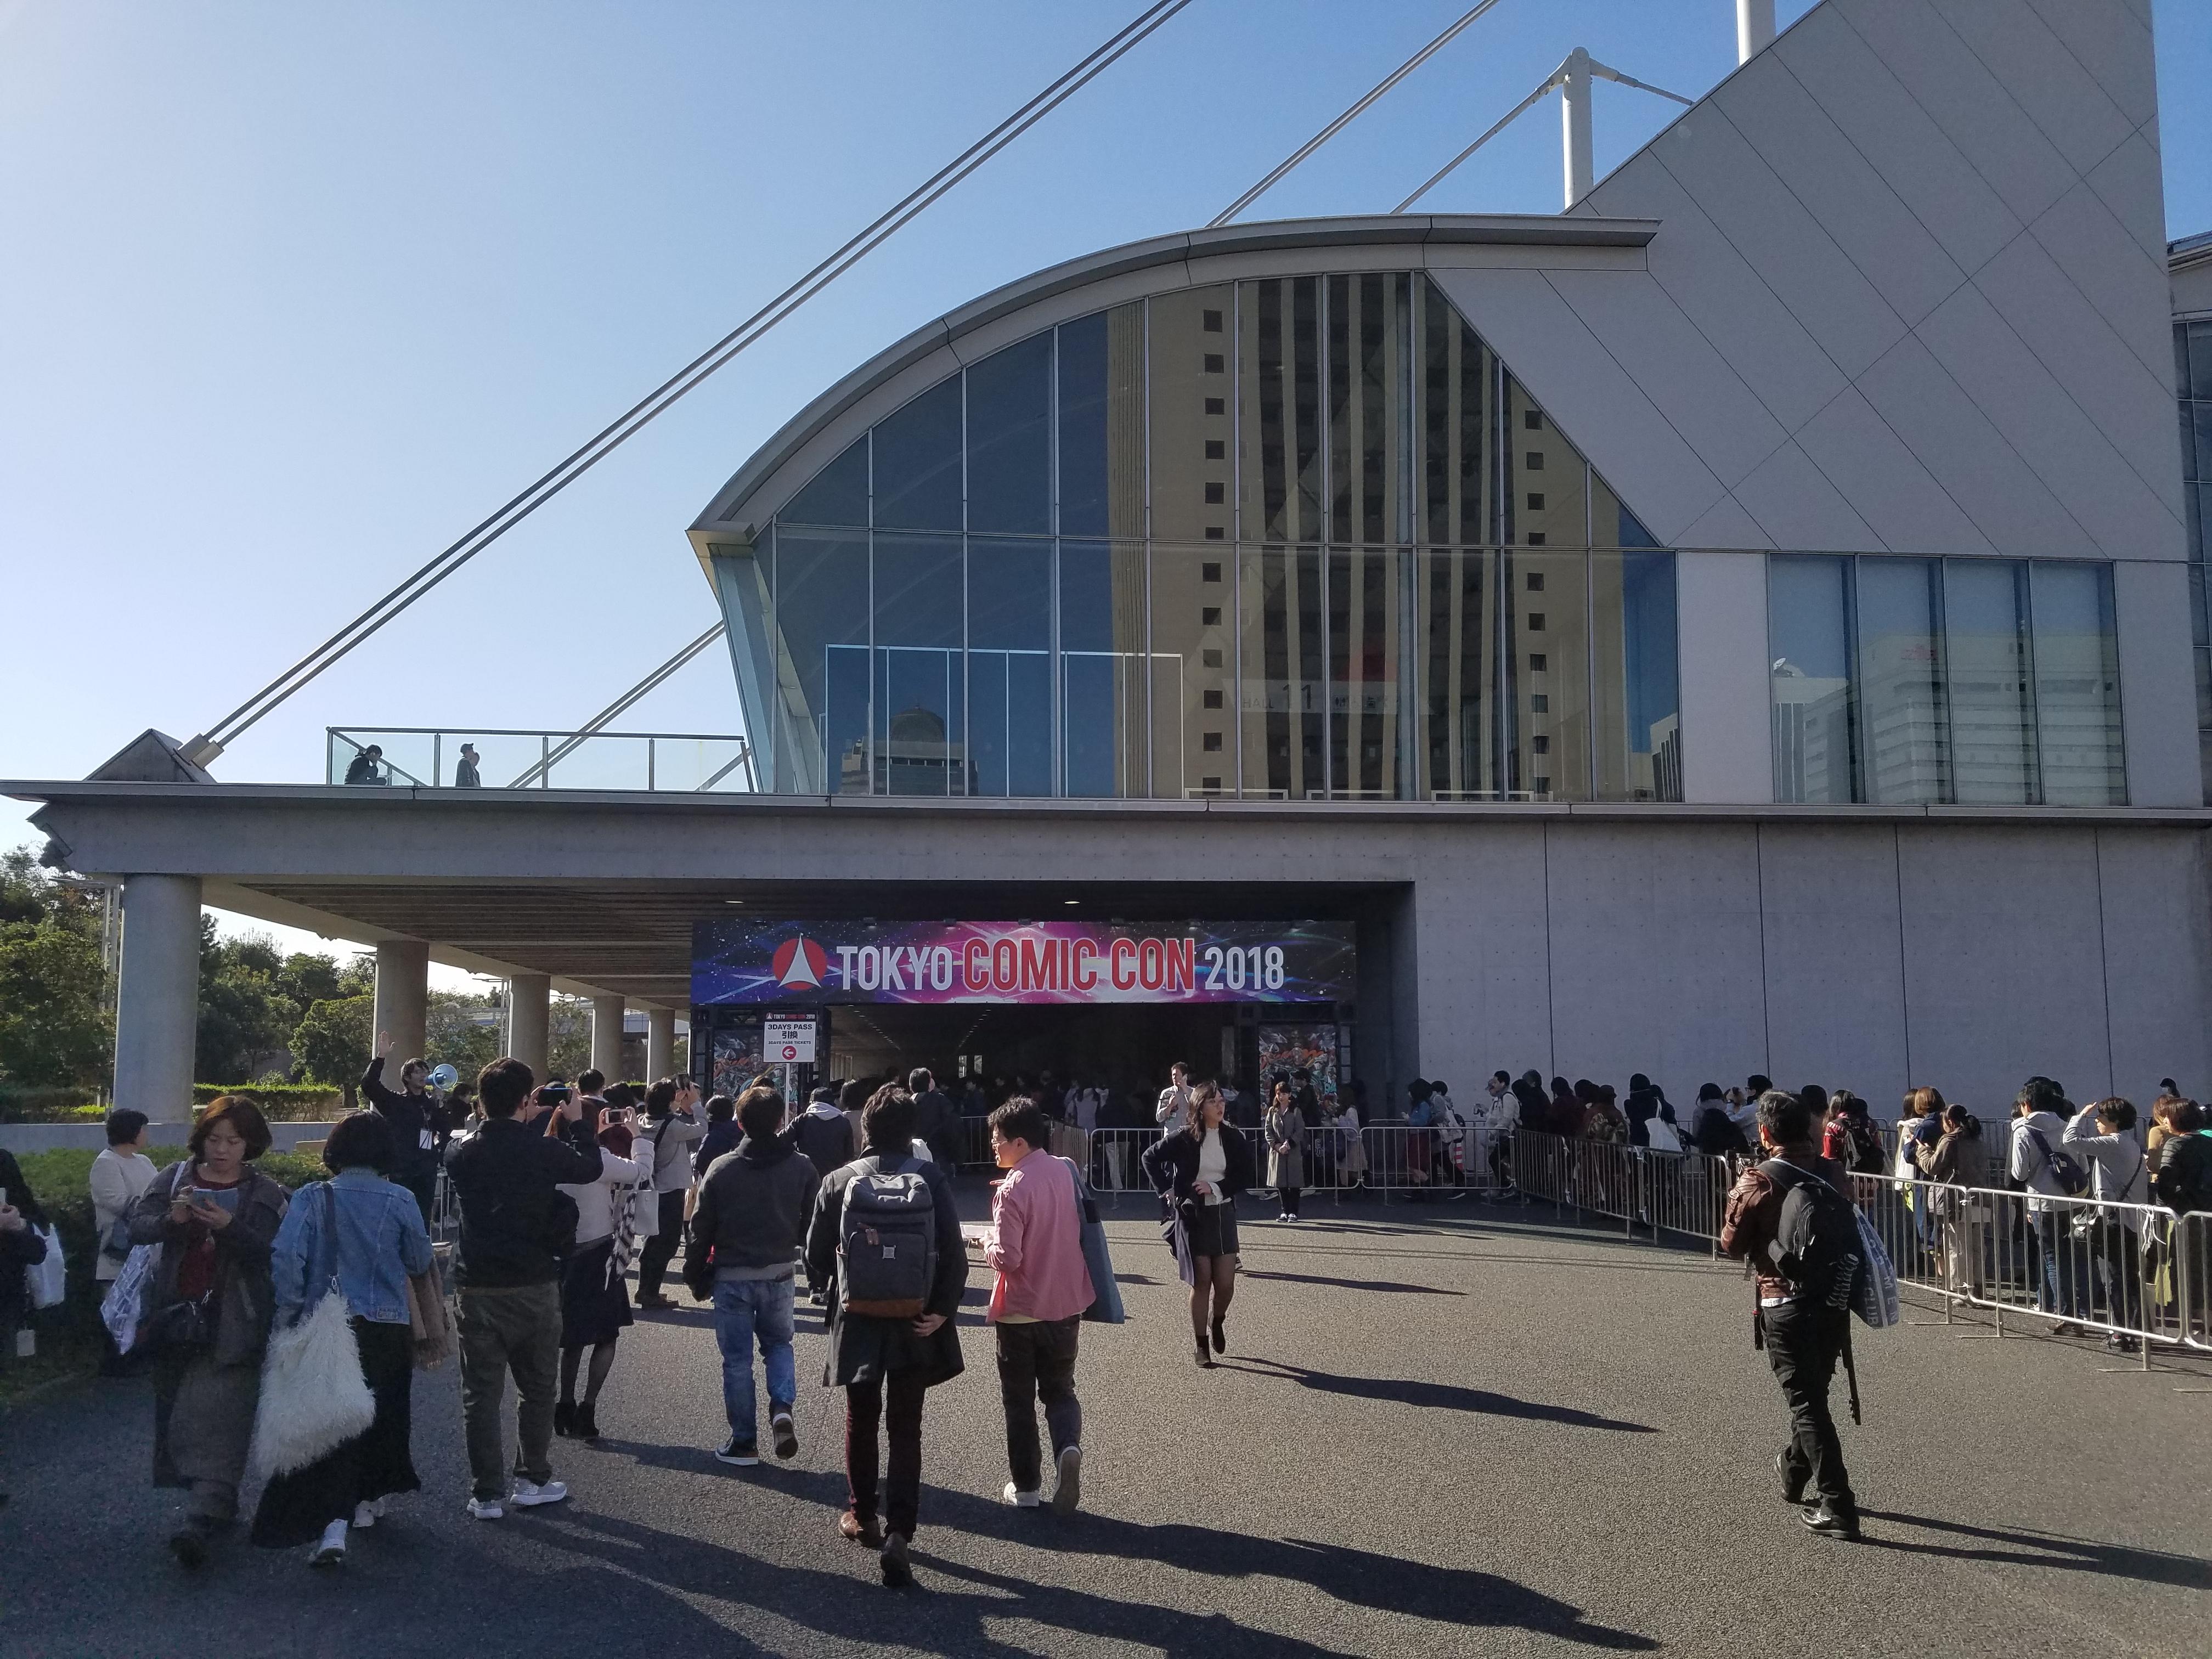 東京コミコン2018に参加!感想&反省点・気になった点を述べておきます!